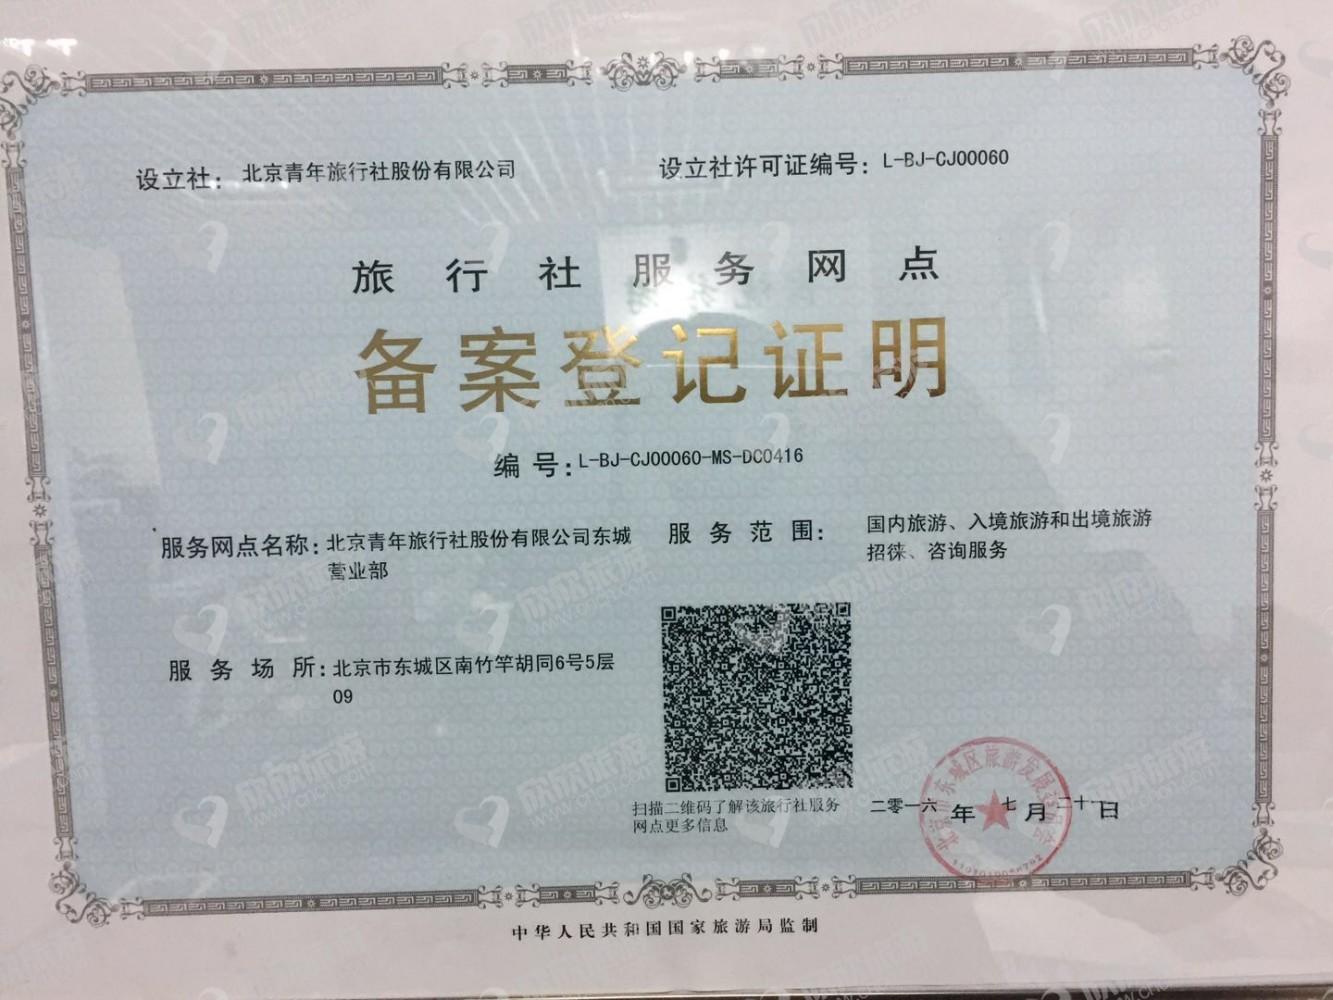 北京青年旅行社股份有限公司东城营业部经营许可证